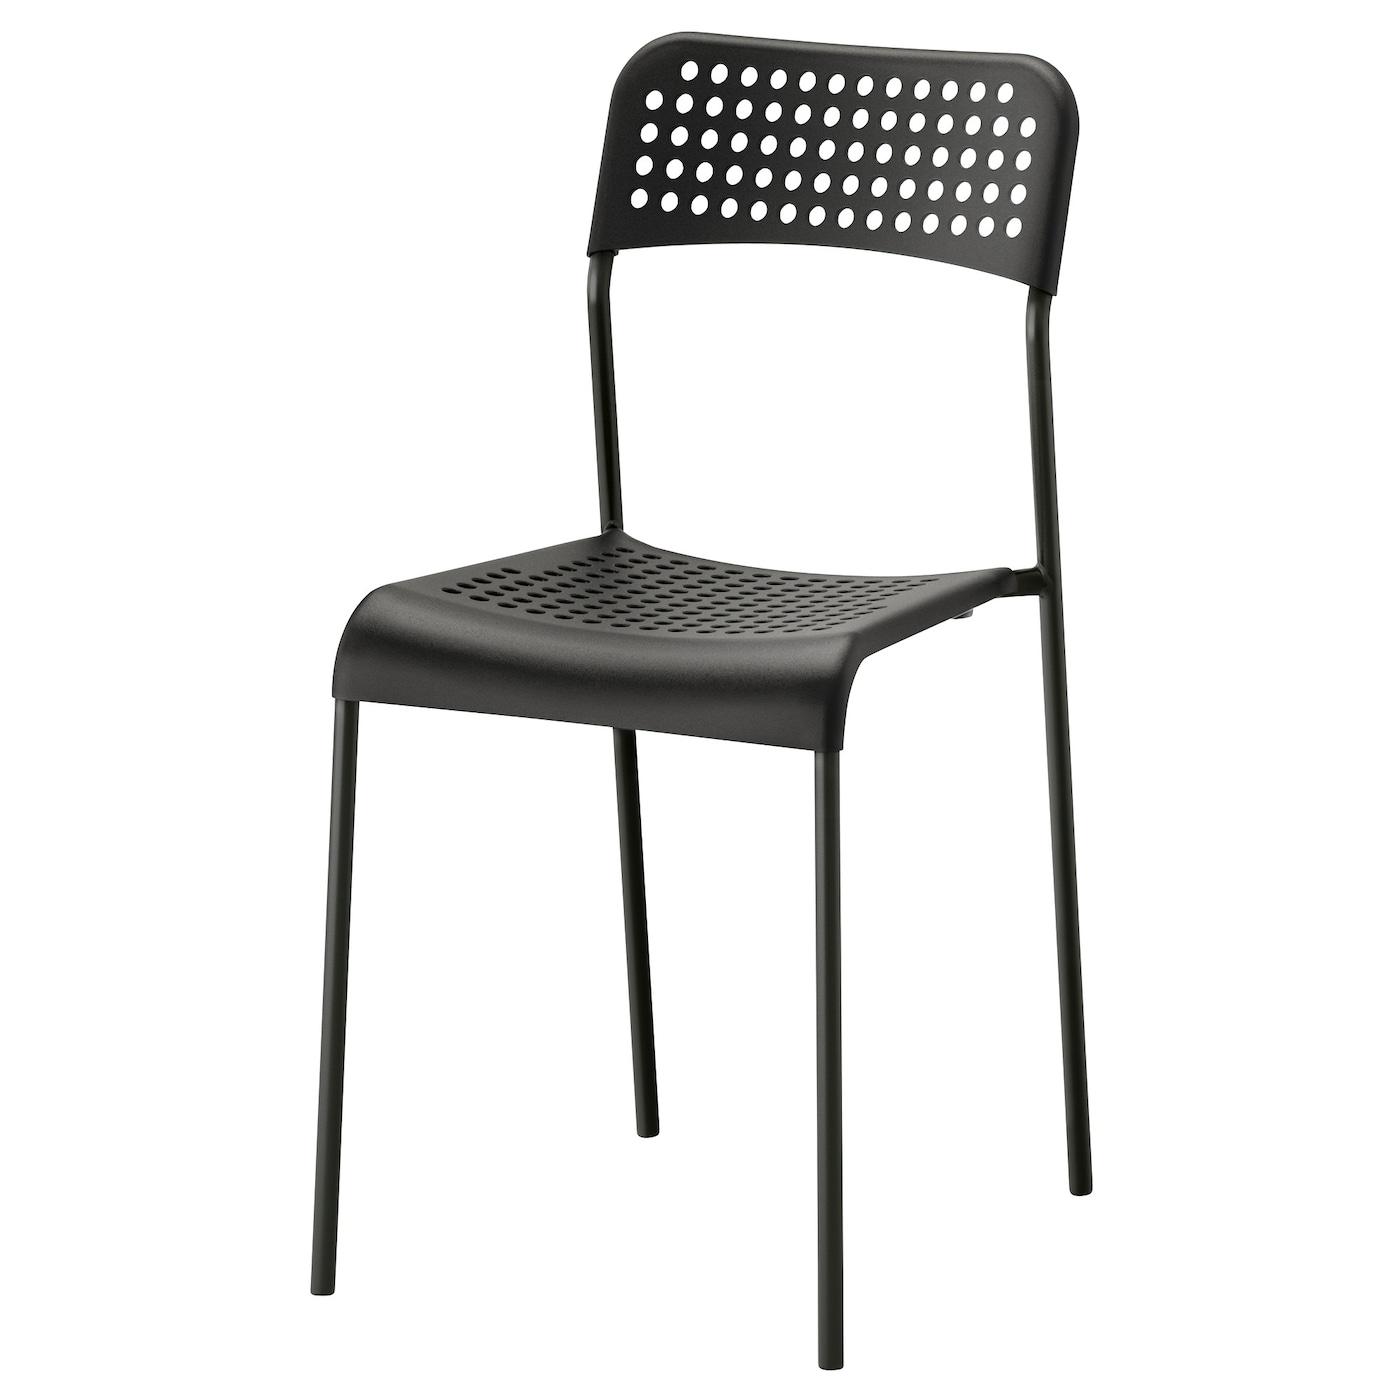 chaises design scandinave moderne vintage pas cher. Black Bedroom Furniture Sets. Home Design Ideas